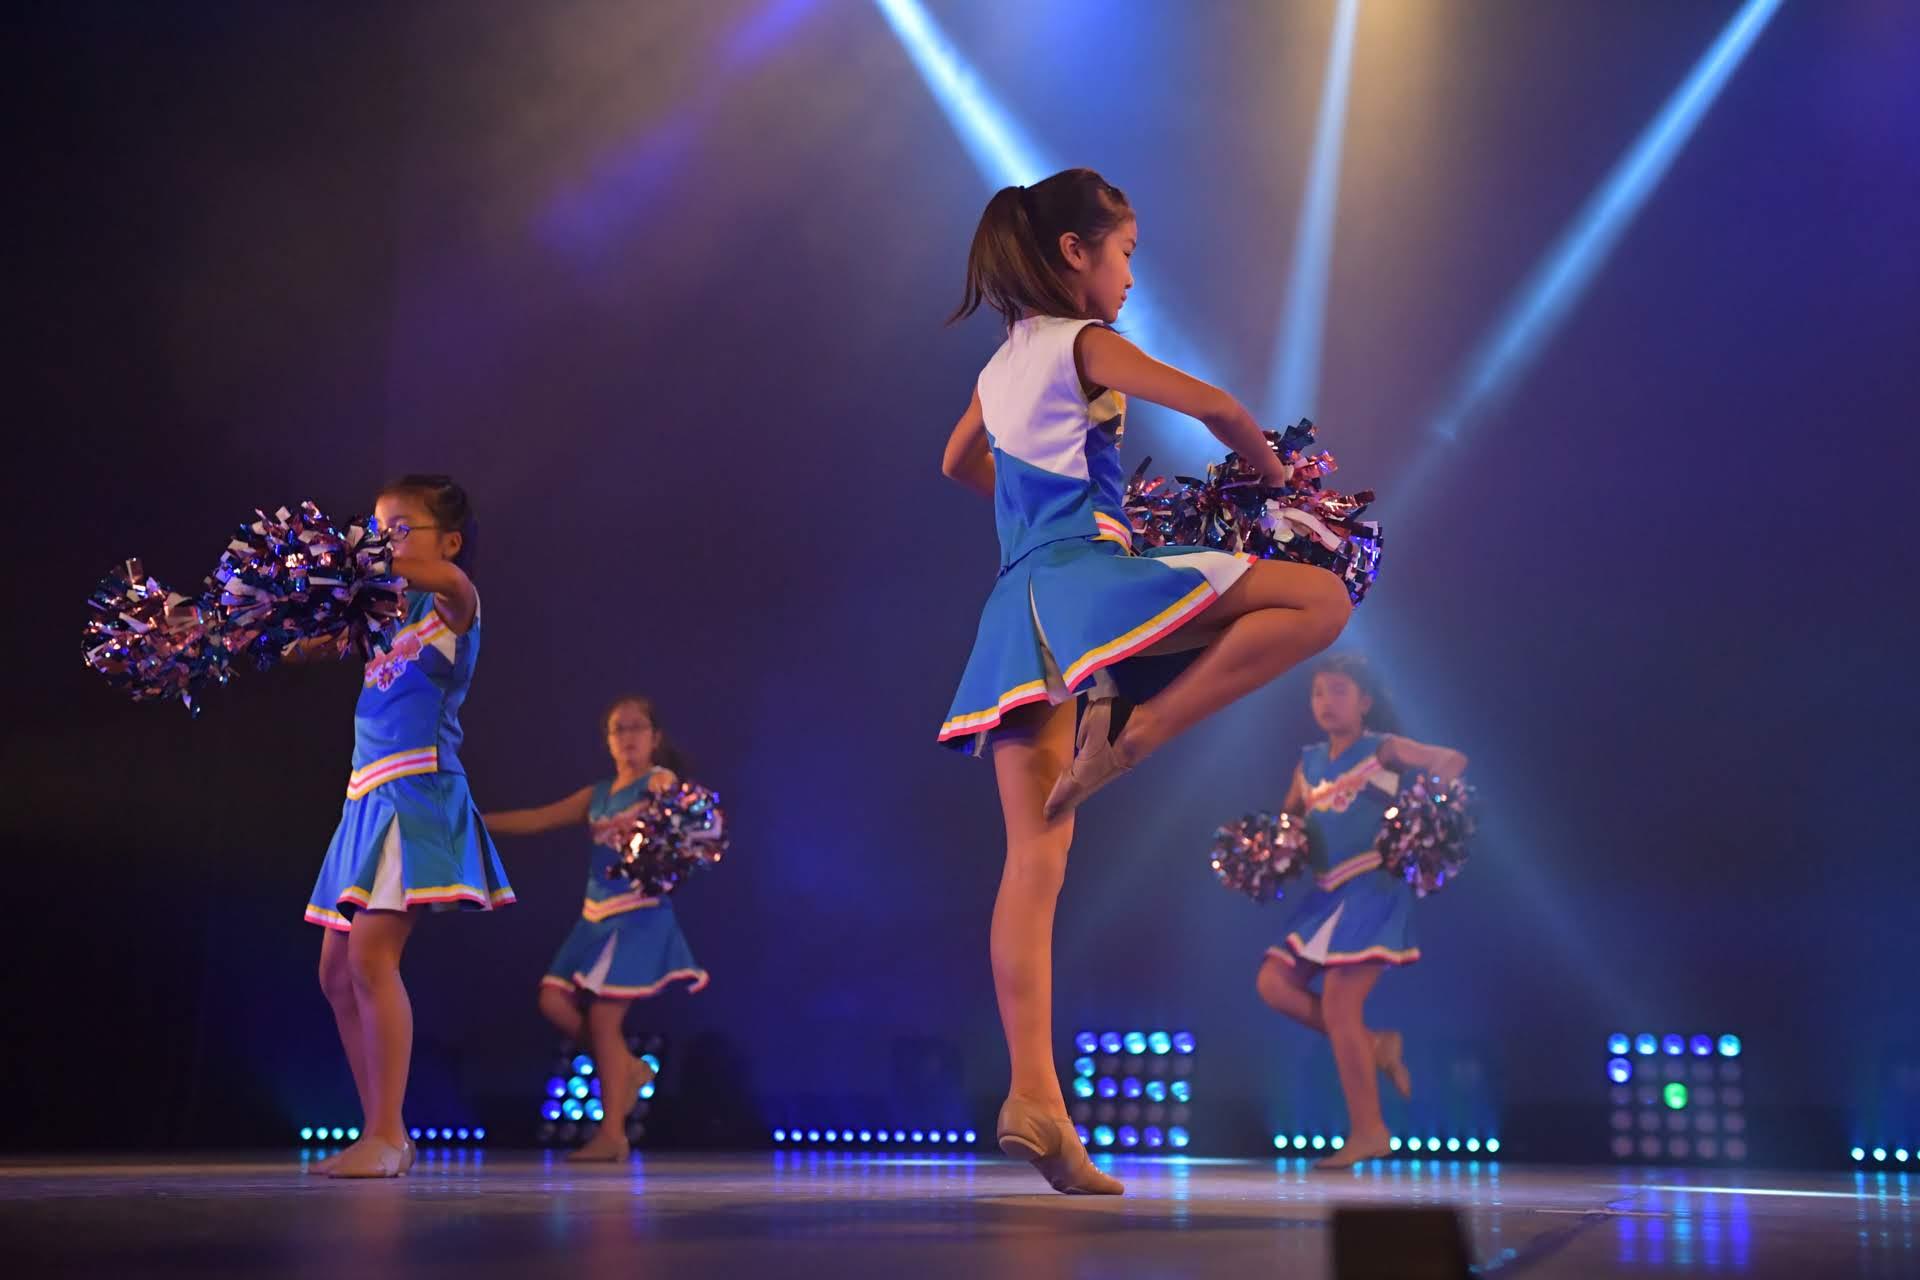 1月22日 初心者も学べる ダンステクニックワークショップ参加募集案内